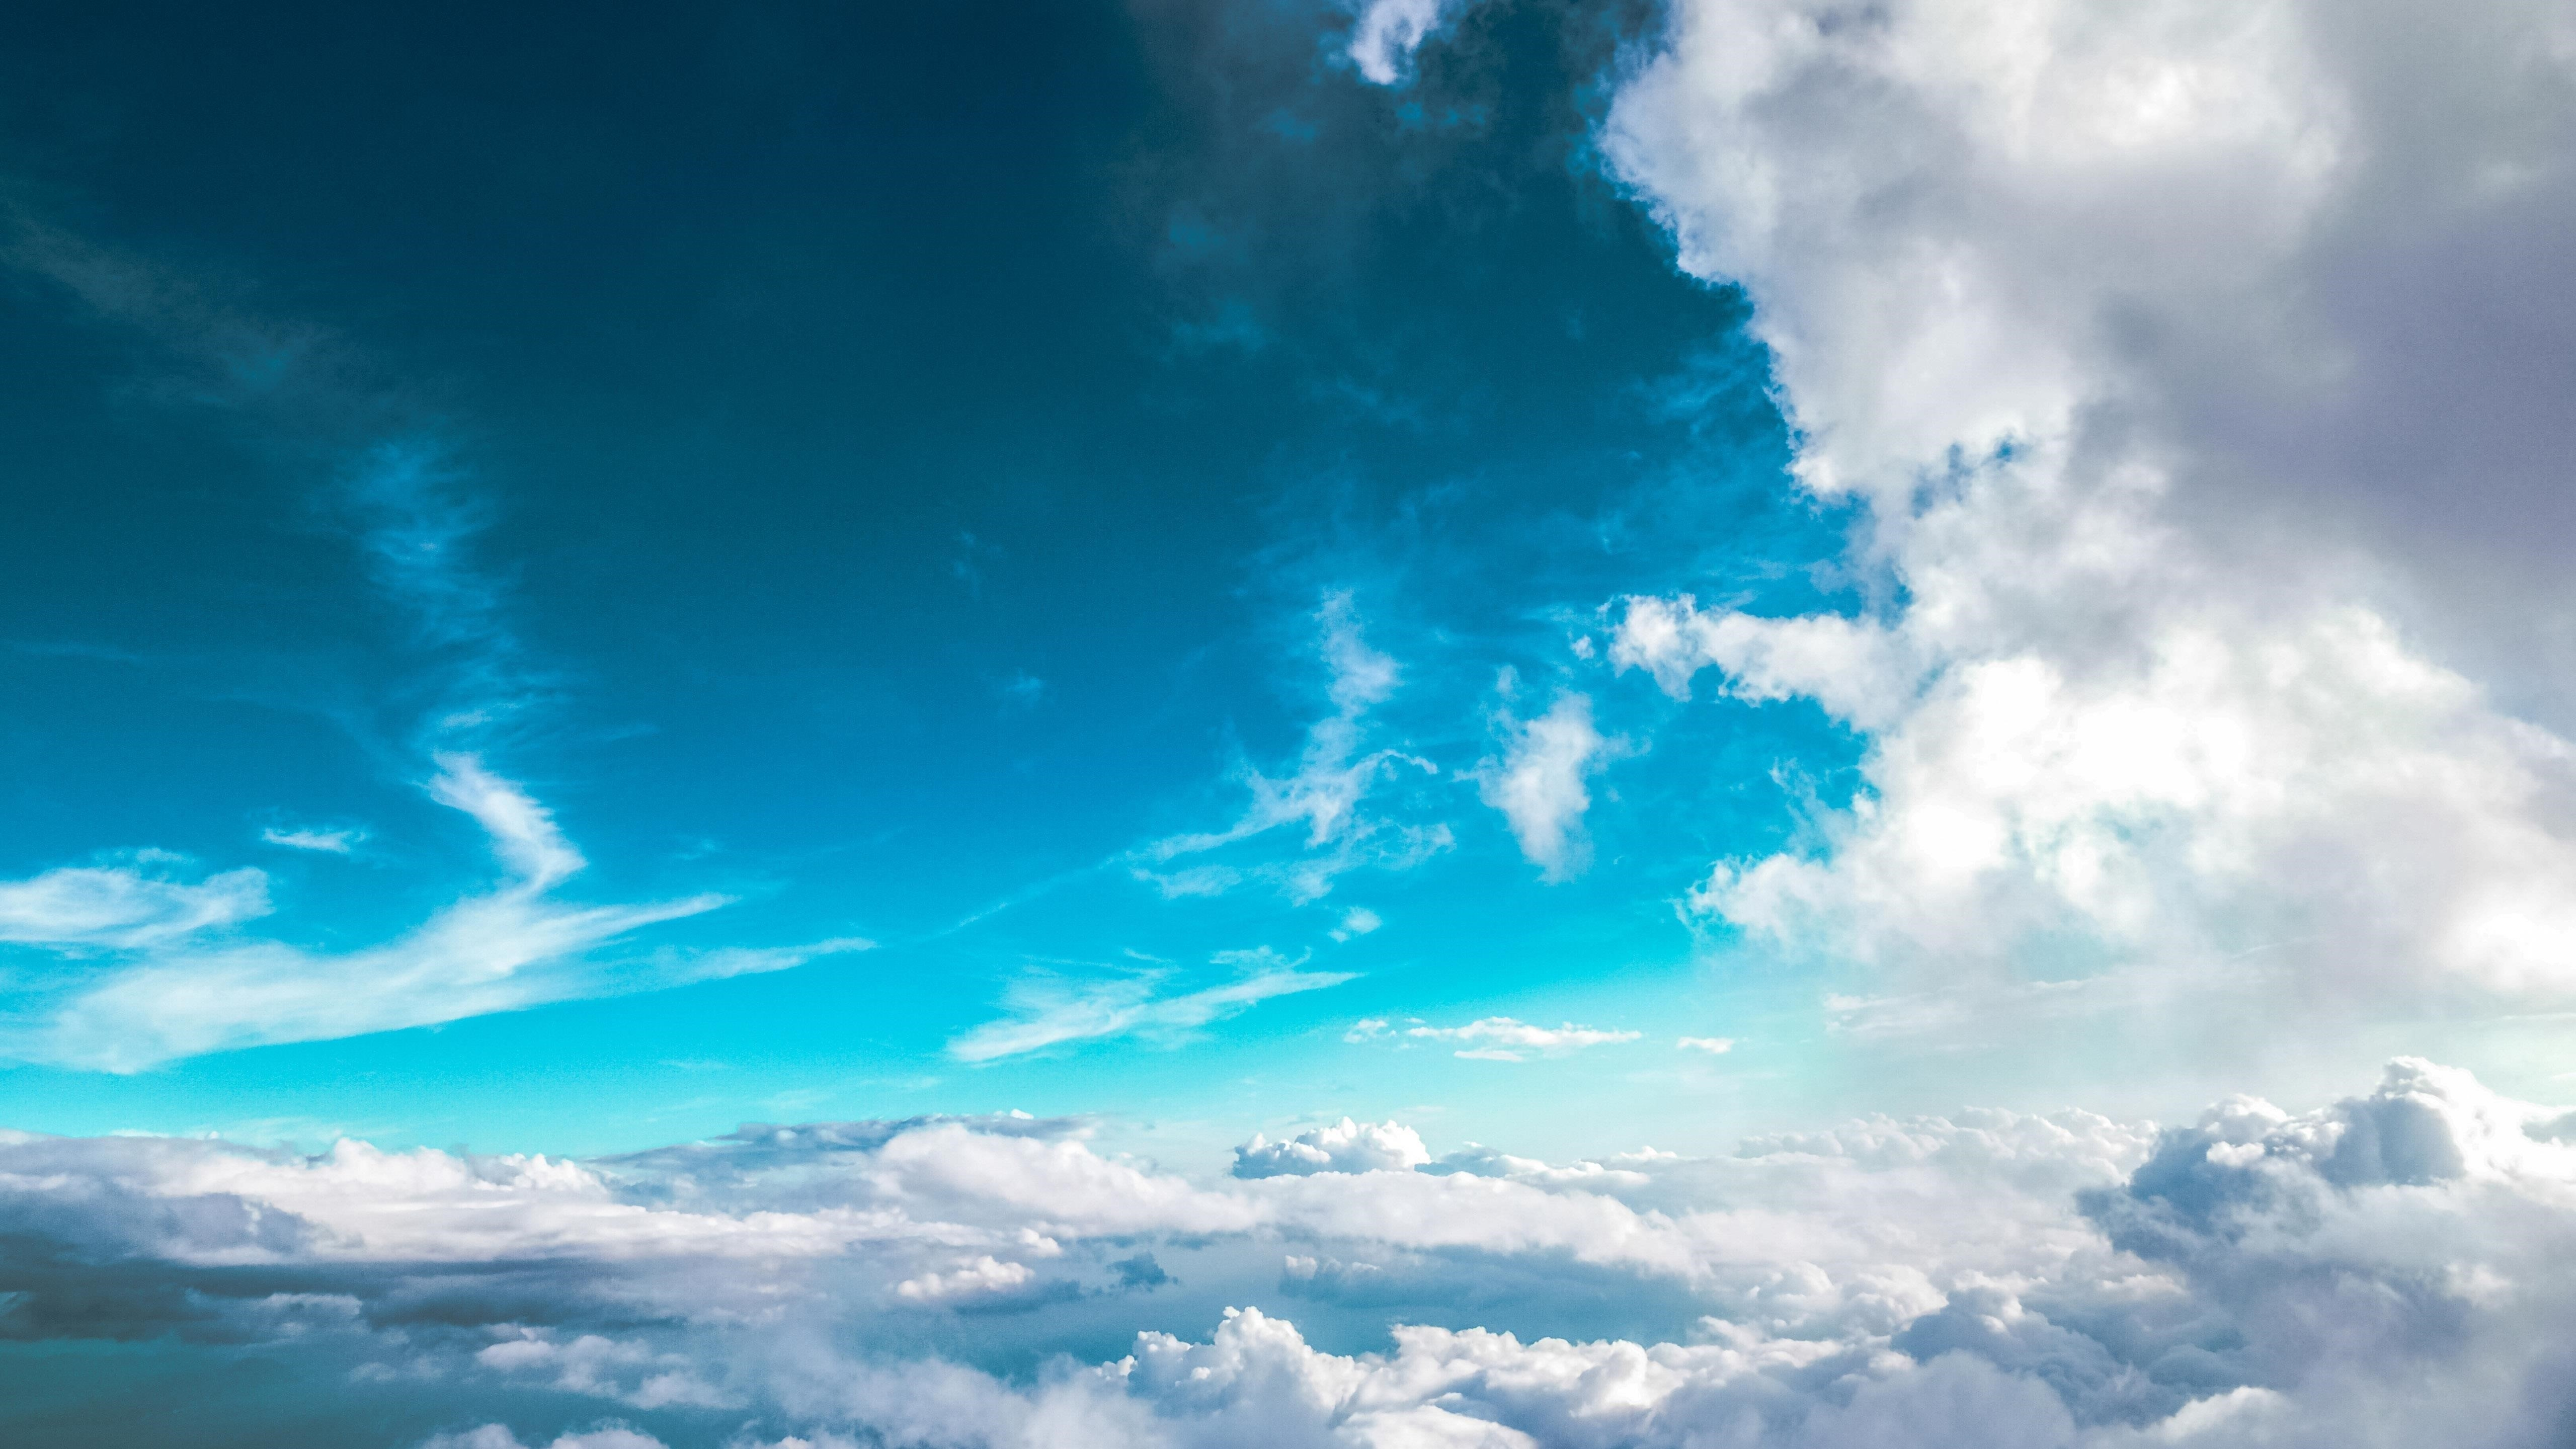 Ясное голубое небо природа обои скачать